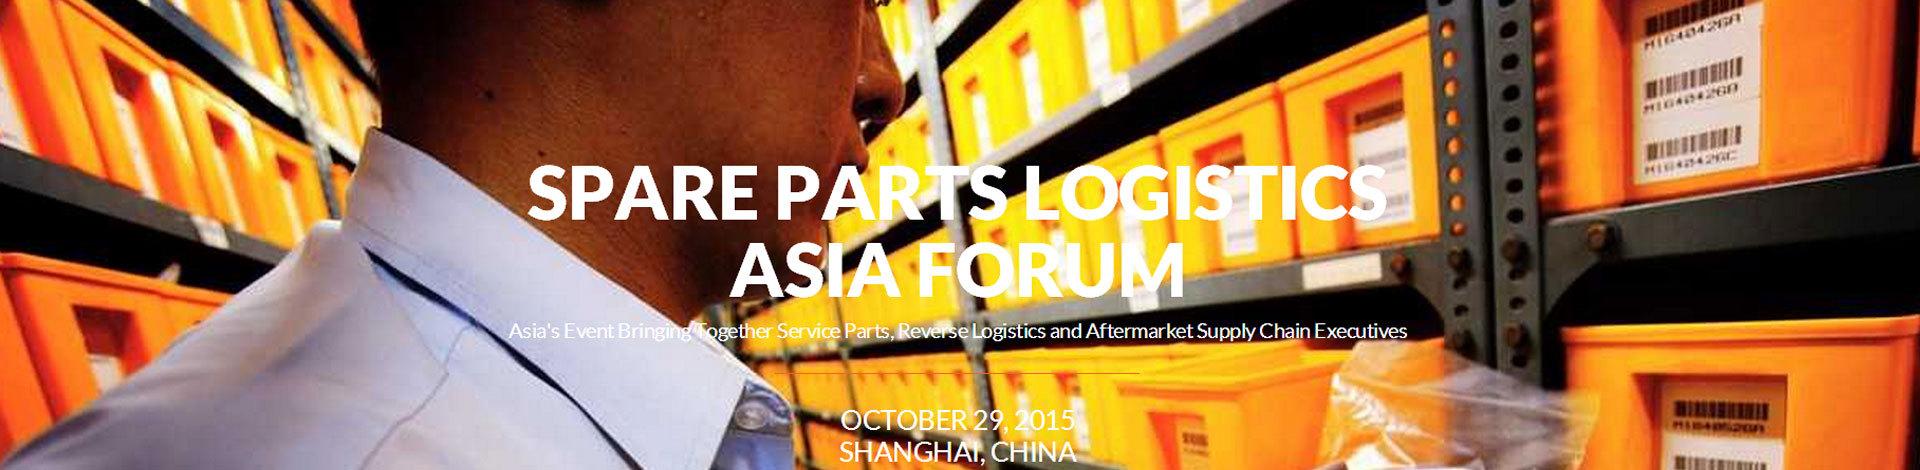 Spare Parts Logistics Forum 零部件物流论坛